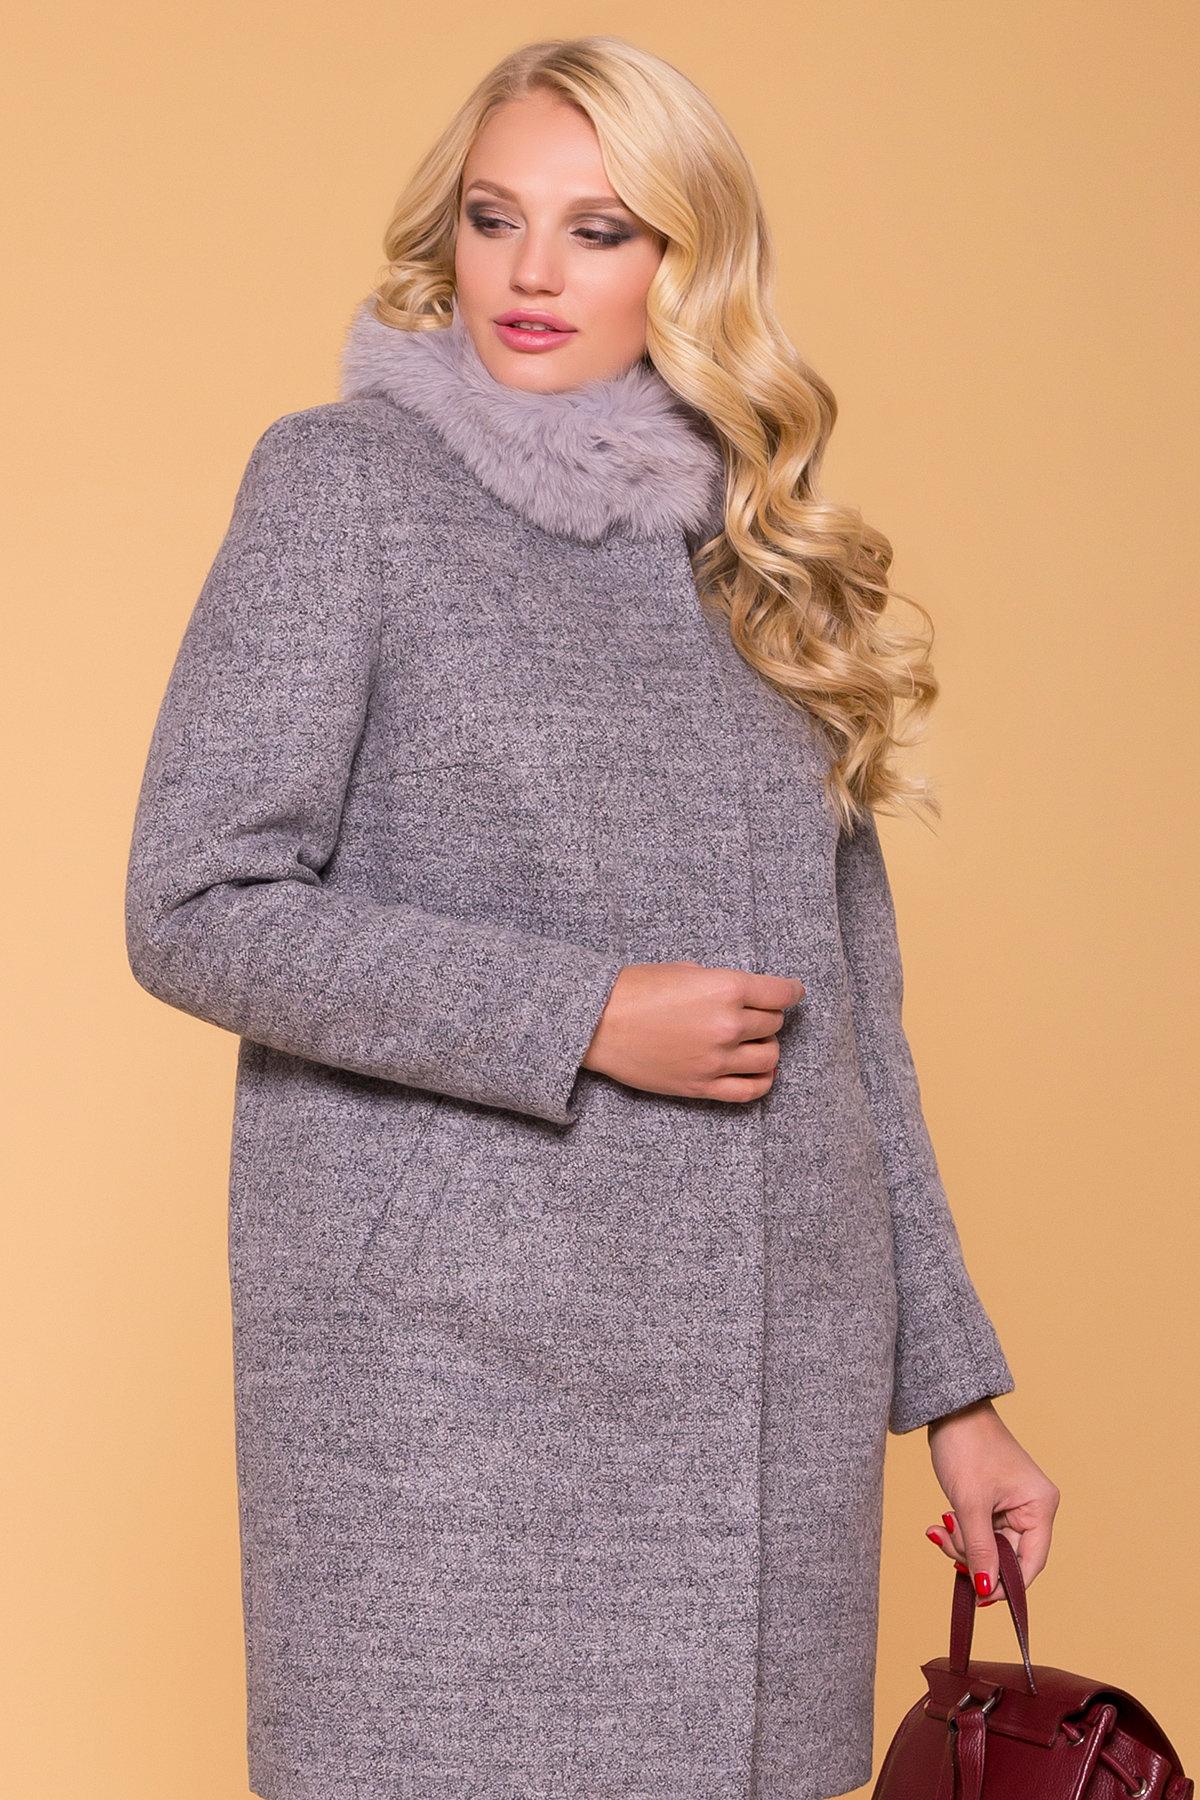 Пальто Donna зима Фортуна 3526 Цвет: Серый 48